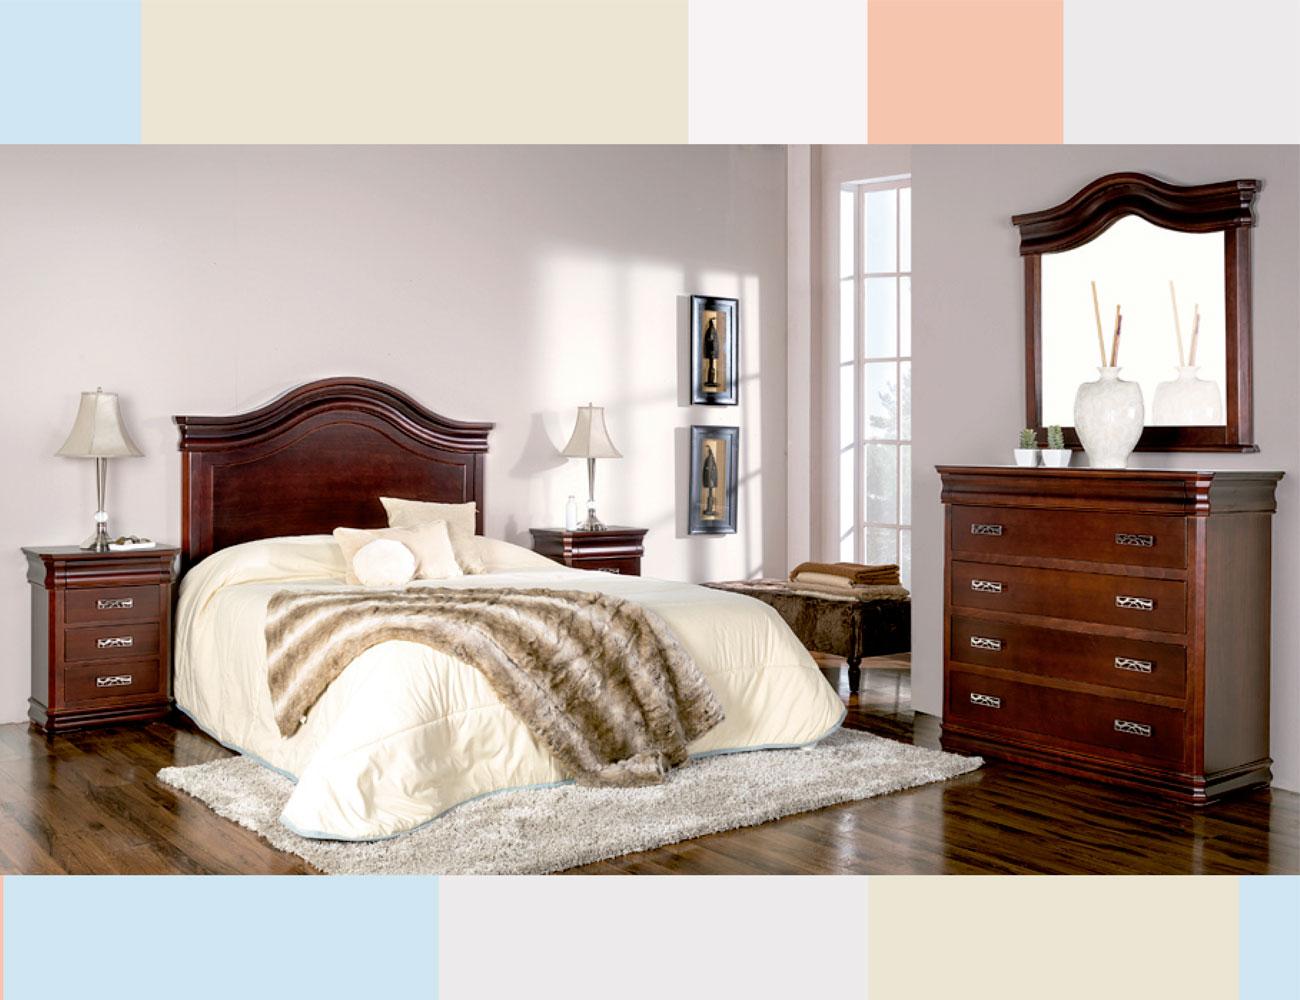 Dormitorio matrimonio cabecero imperio curvo2